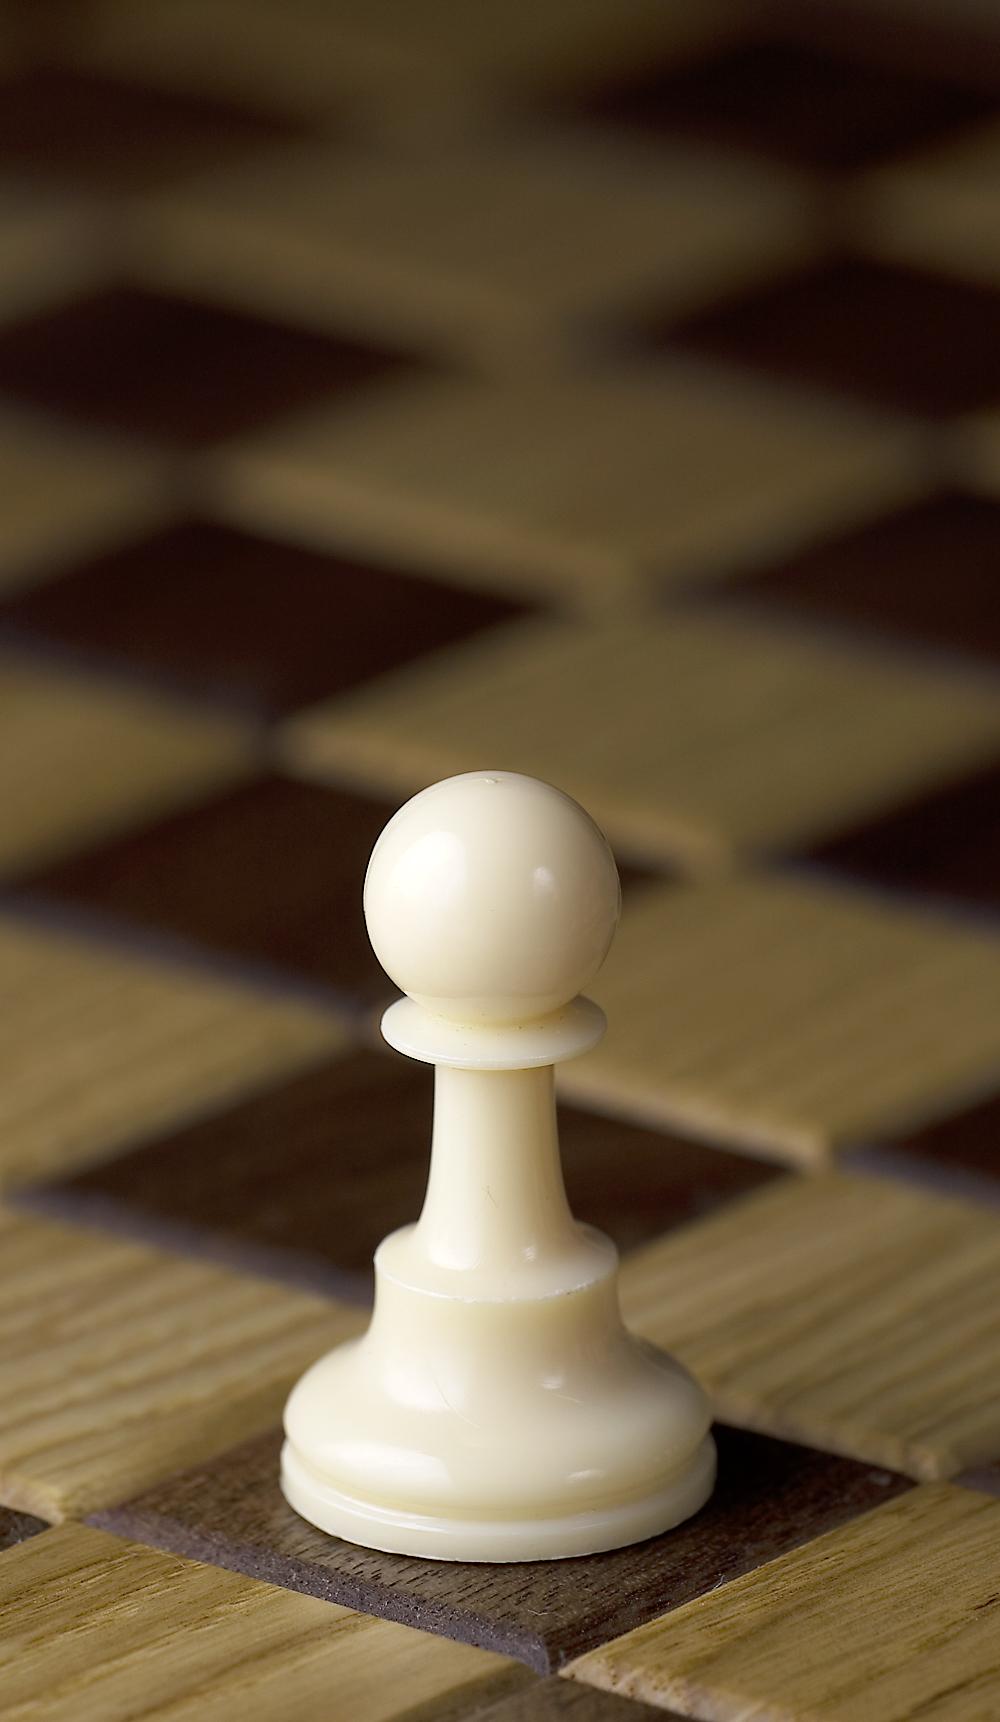 Chess_piece_-_White_pawn